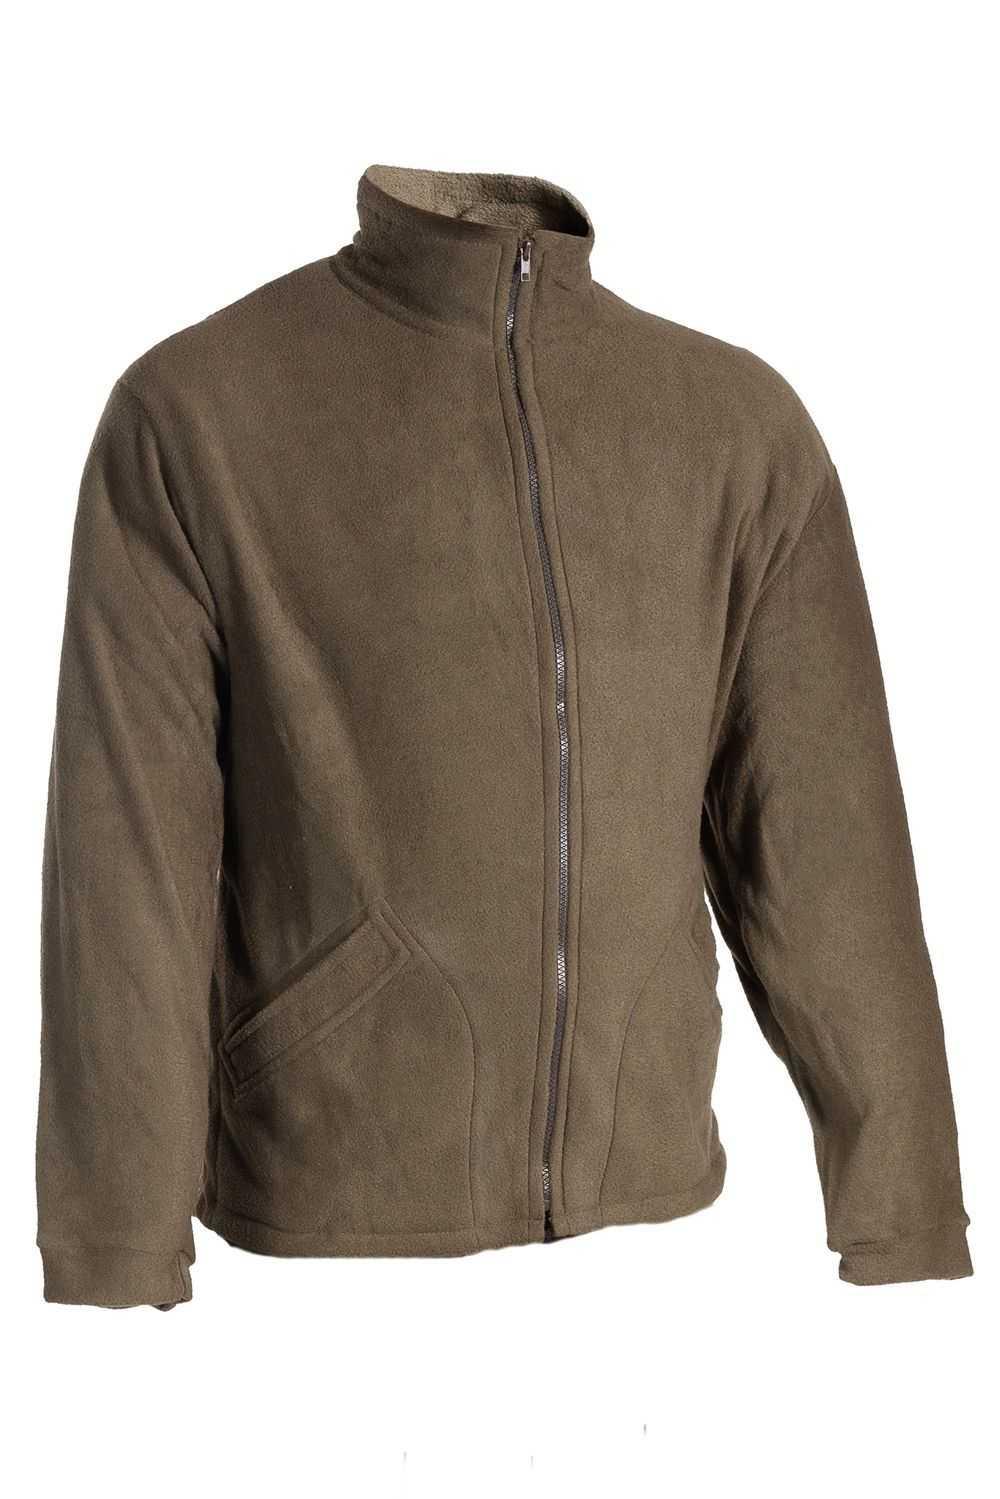 Купить Куртка флисовая Байкал Huntsman, Polar Fleece, цвет – хаки